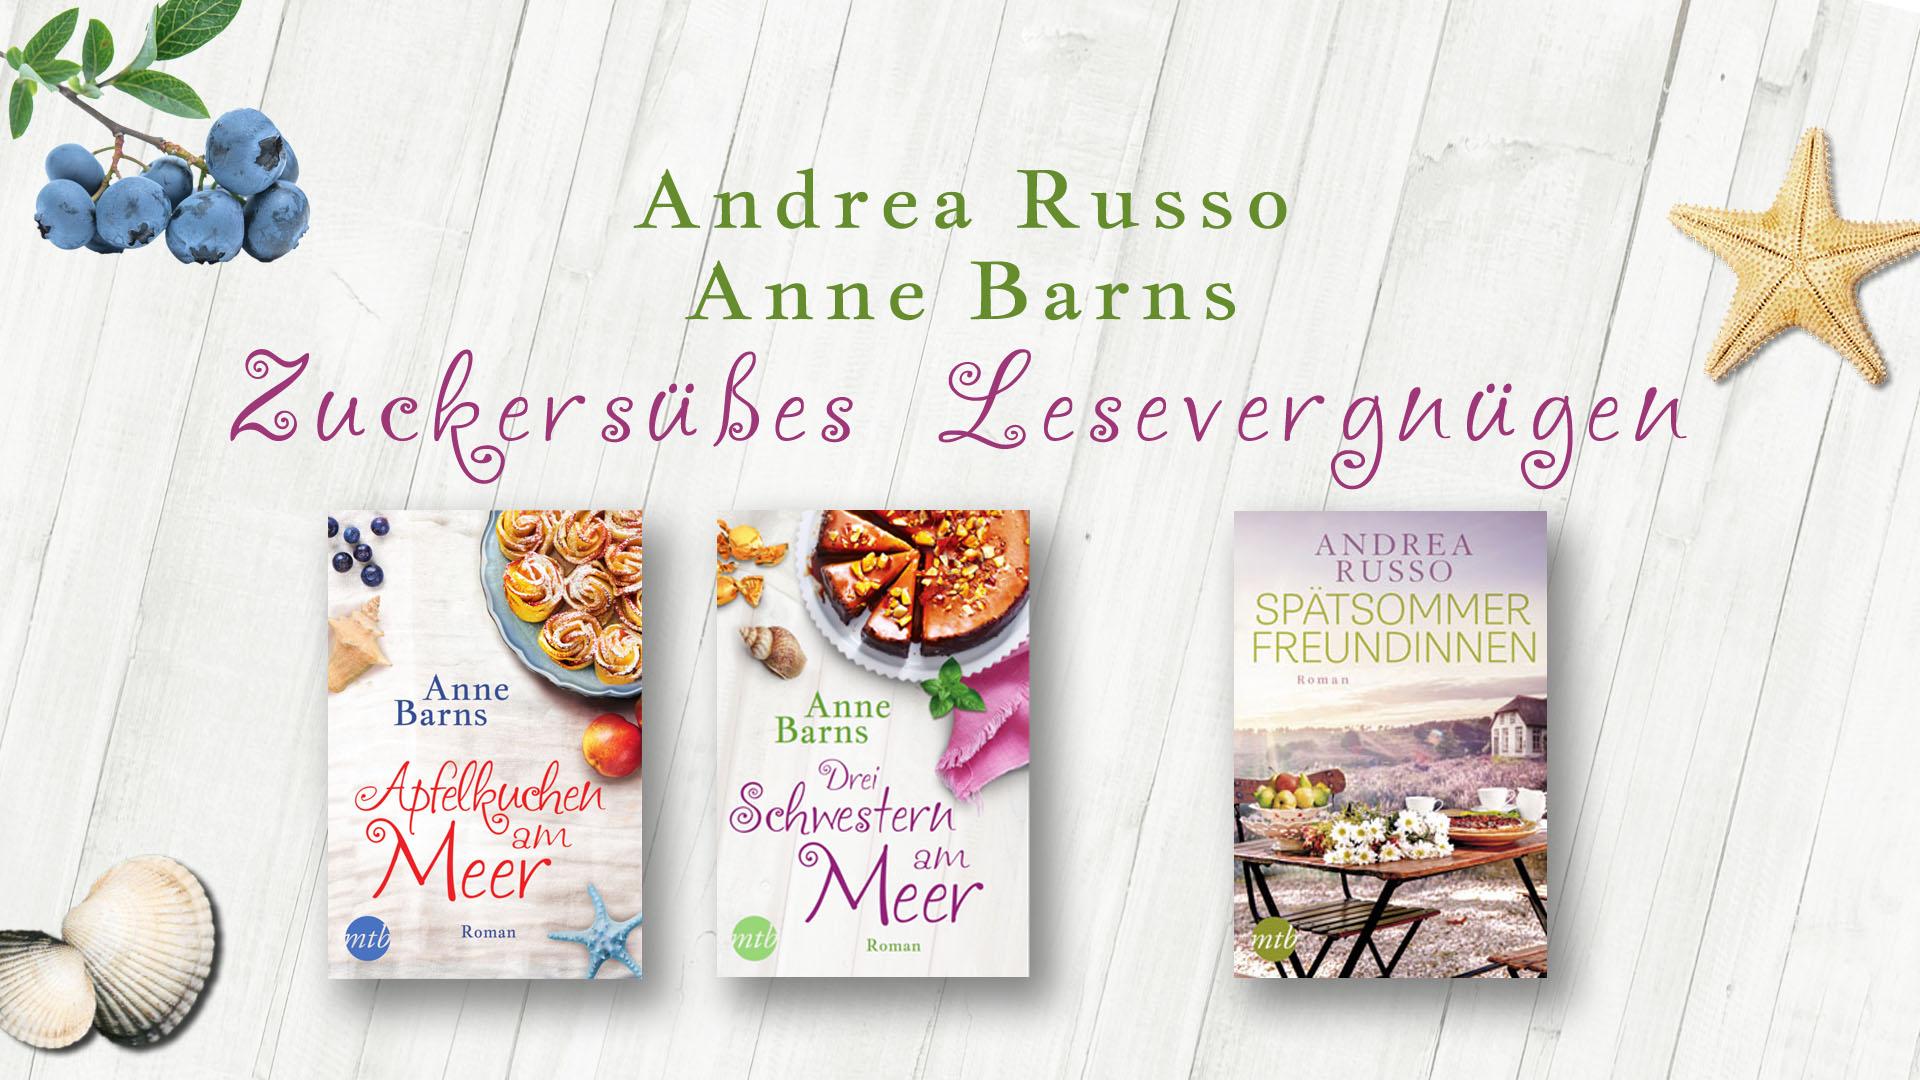 Andrea Russo | Anne Barns